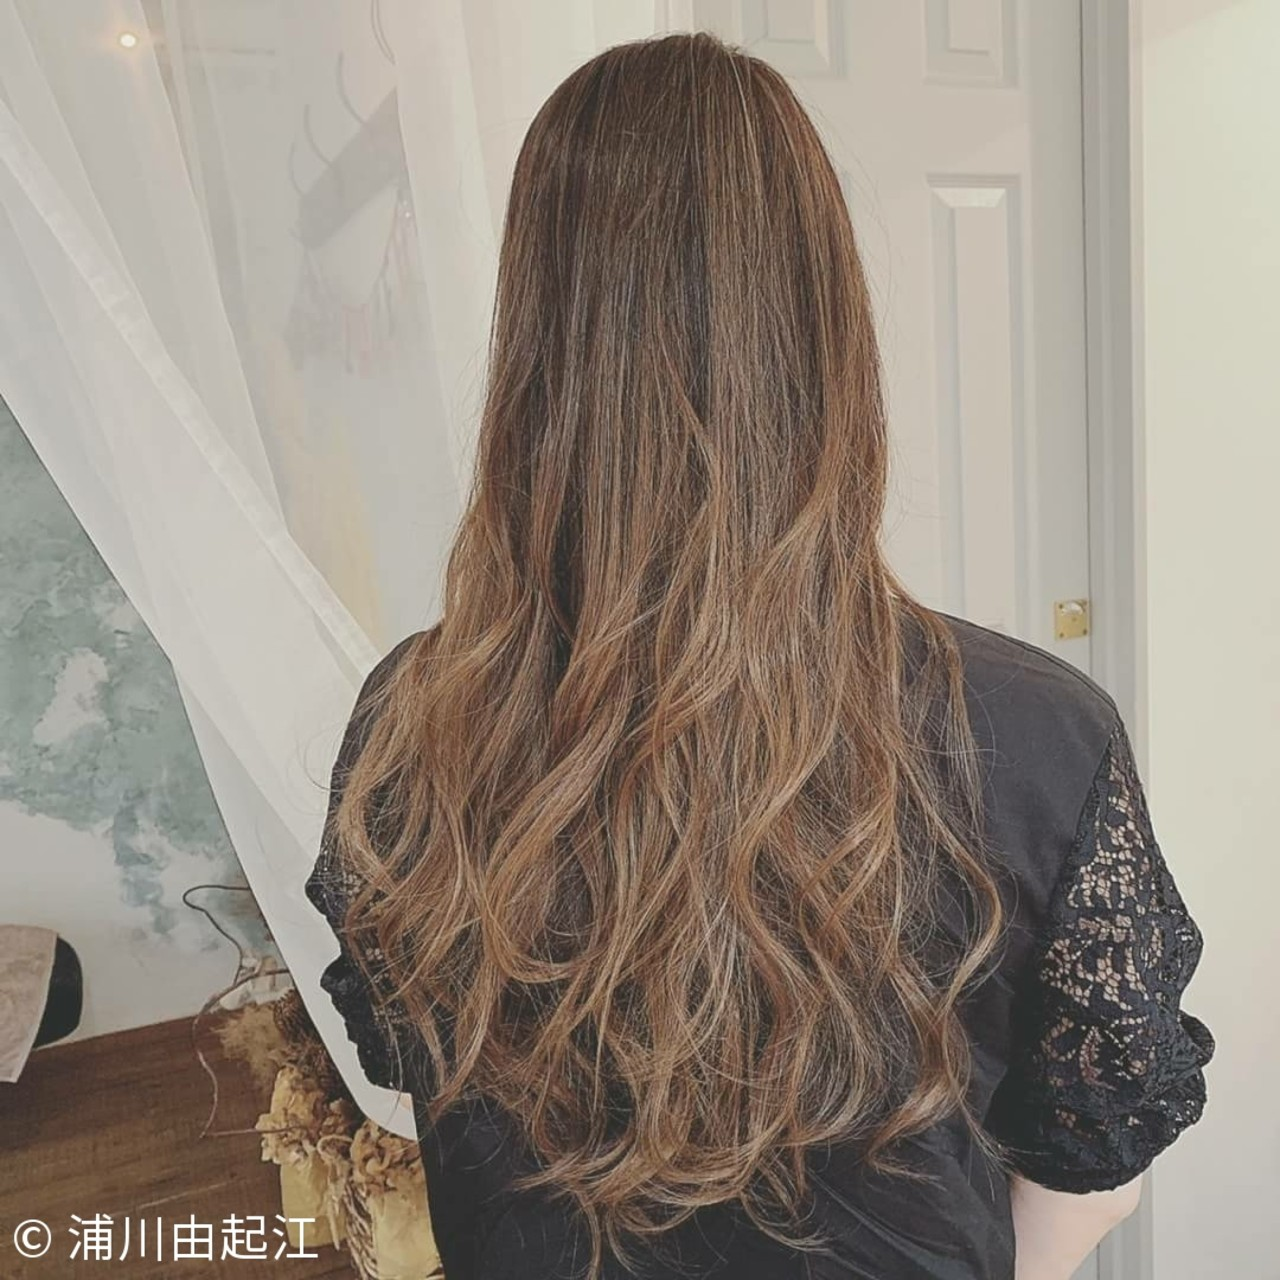 秋冬スタイル デート 大人かわいい エレガント ヘアスタイルや髪型の写真・画像